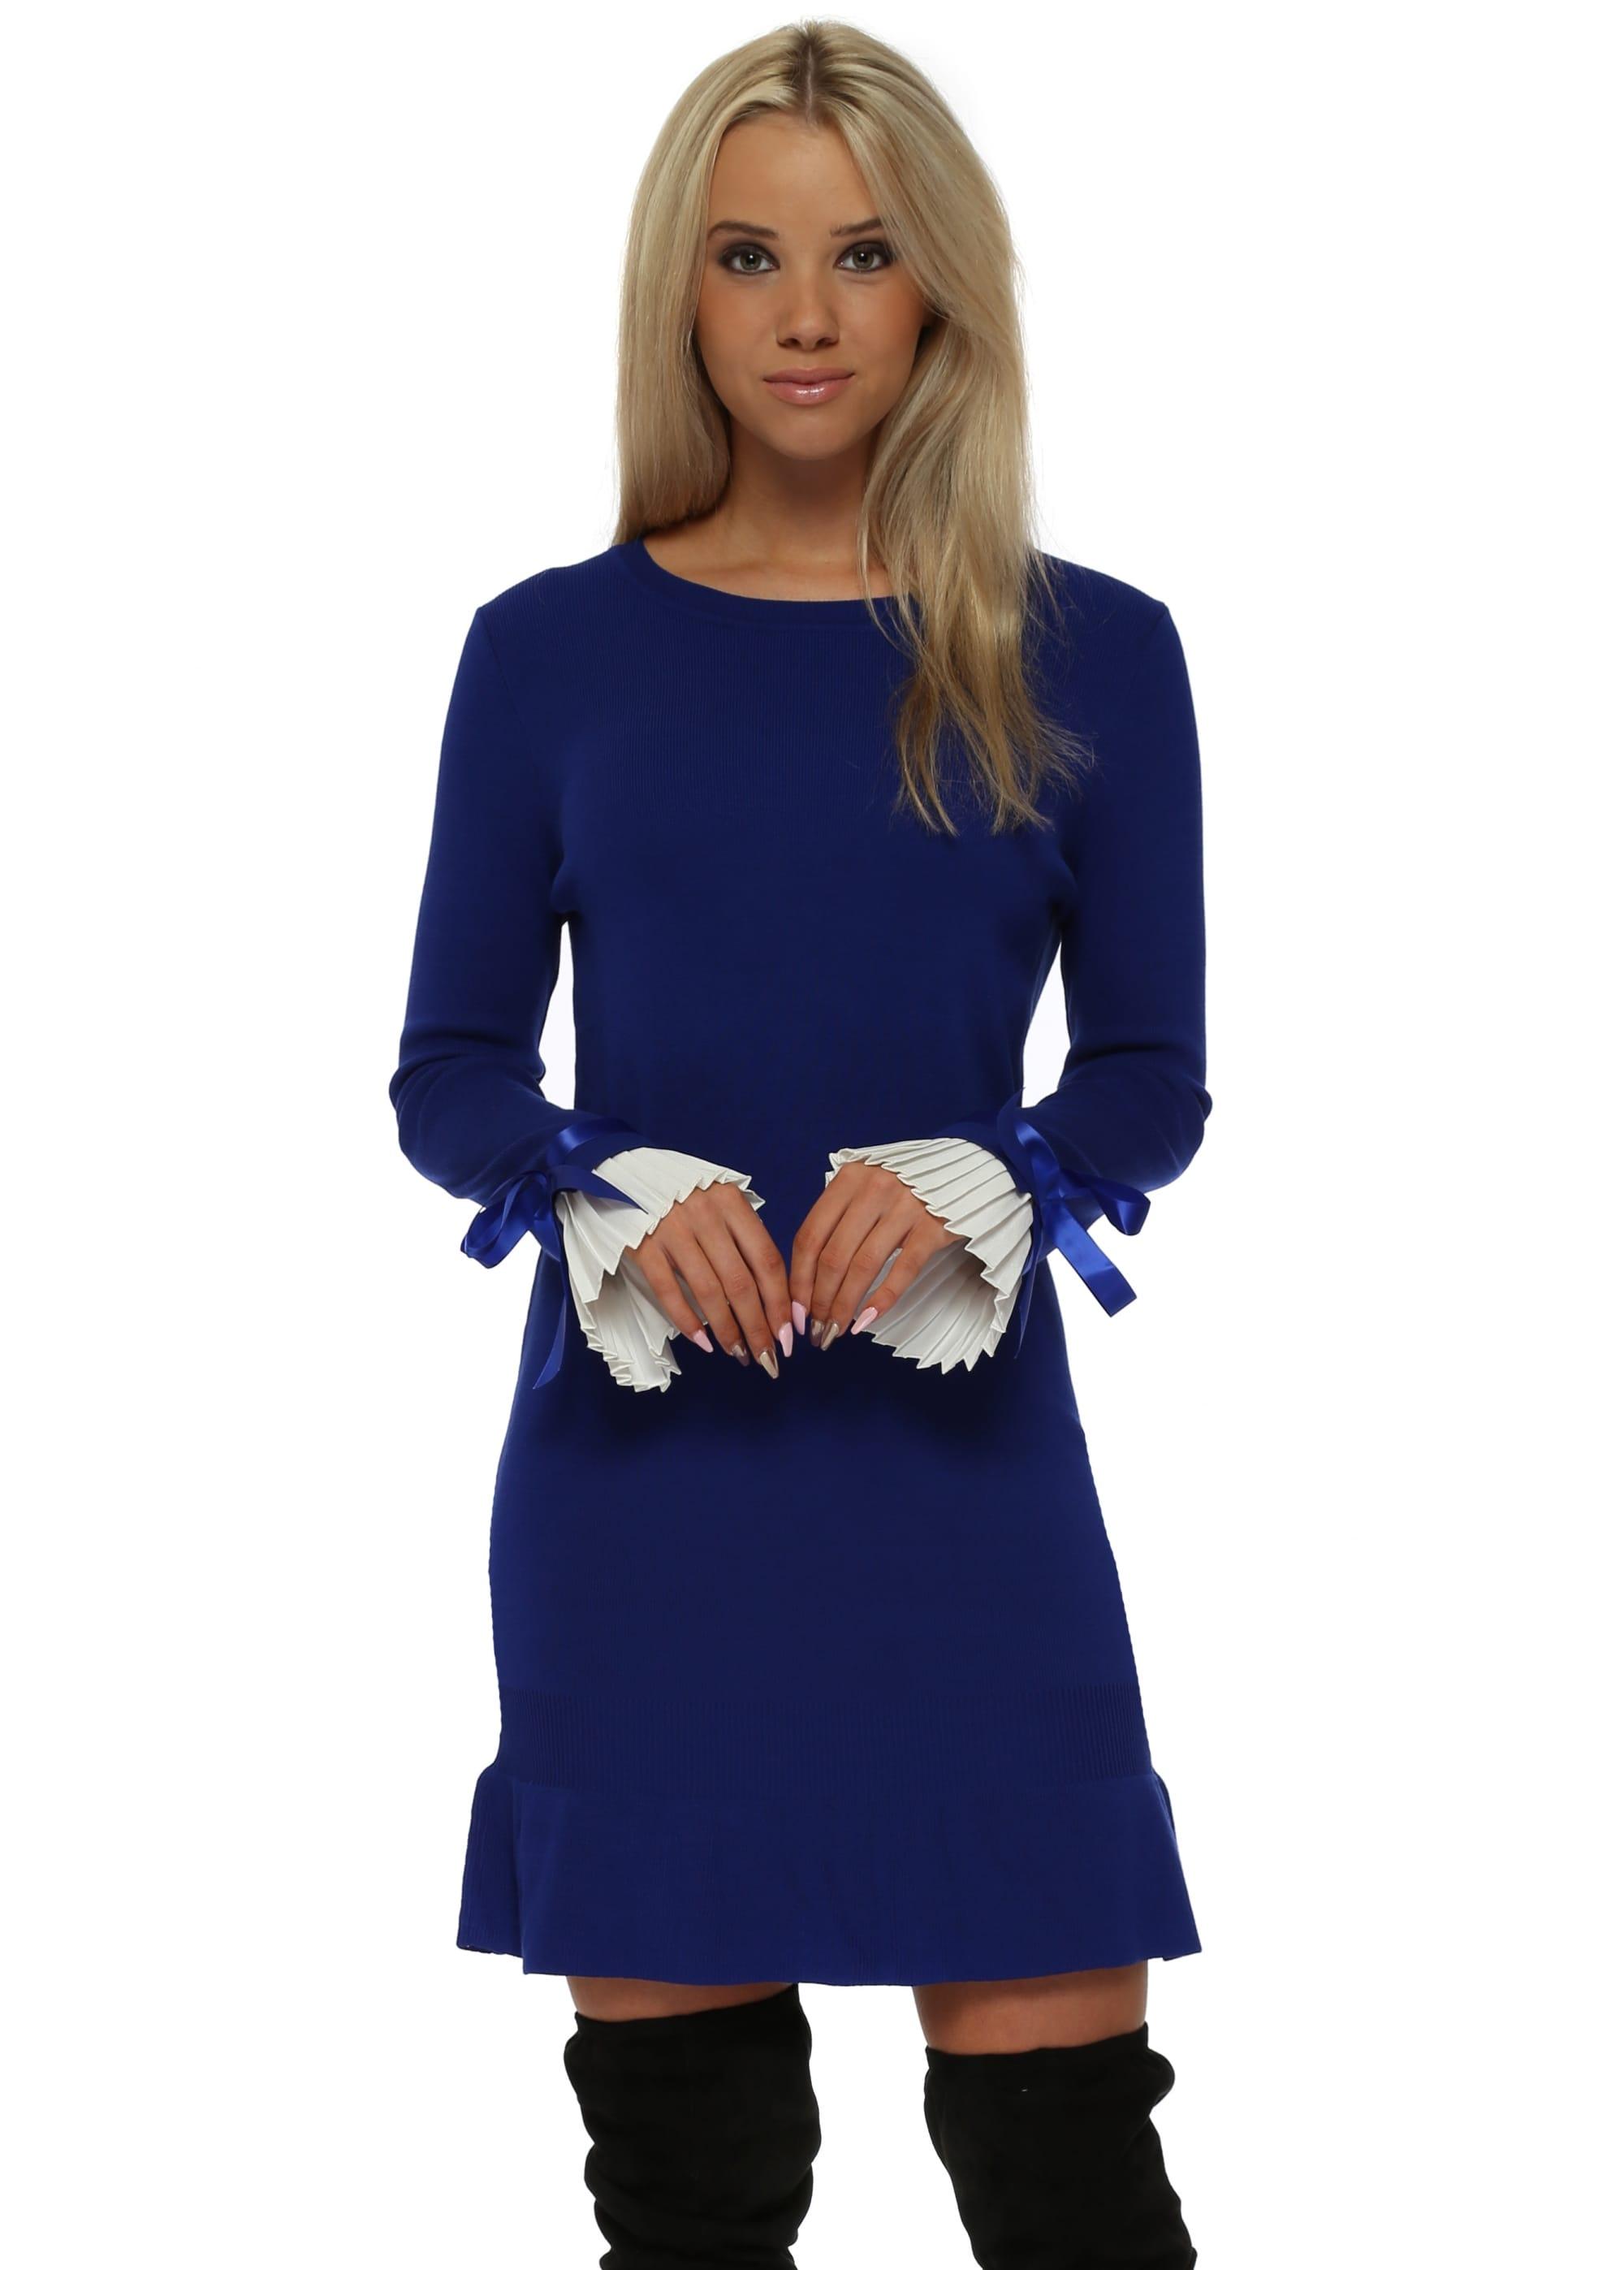 2887d6b1429 Blue Jumper Dress With White Pleated Cuffs - Laetitia Mem